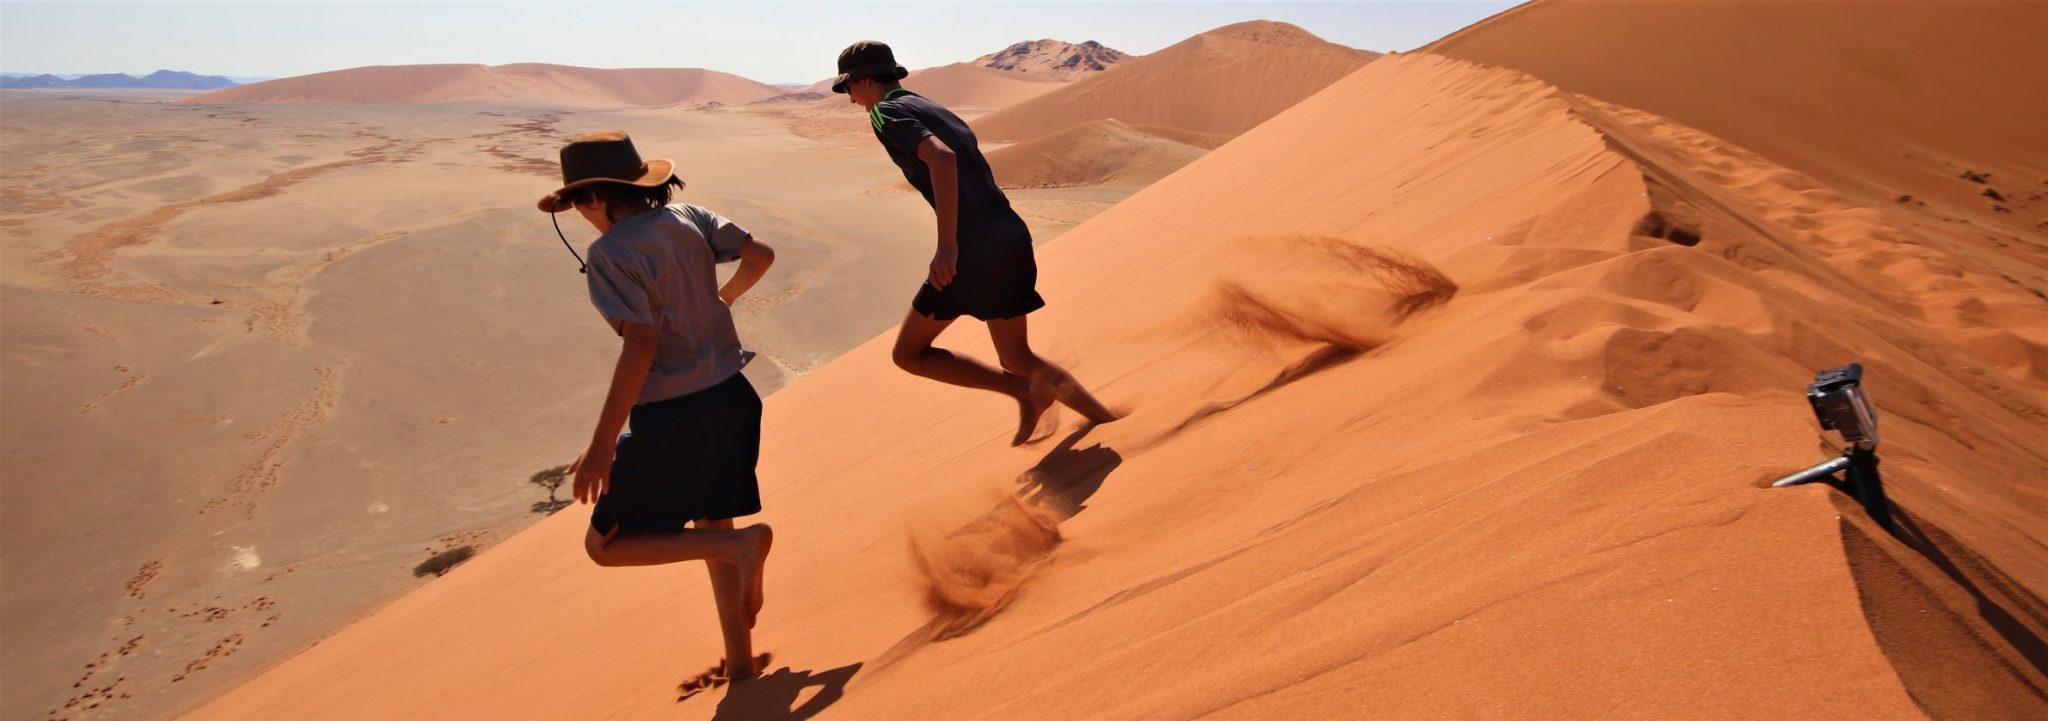 Sossusvleii, Namibia, Fun on the Dunes!